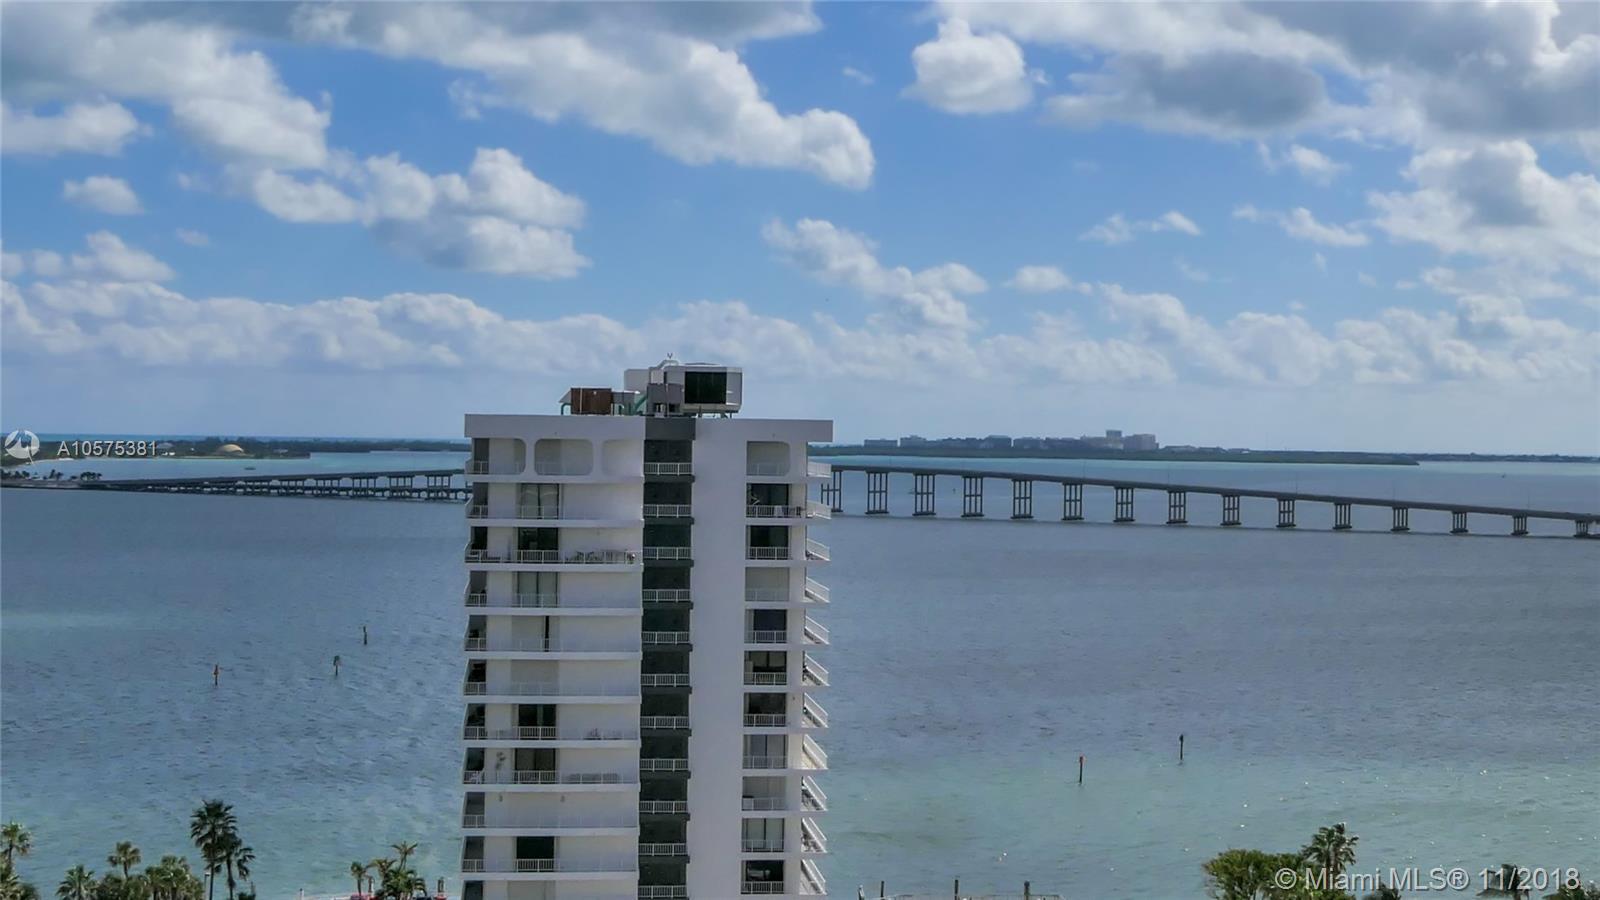 1451 Brickell Avenue, Miami, FL 33131, Echo Brickell #1403, Brickell, Miami A10575381 image #37